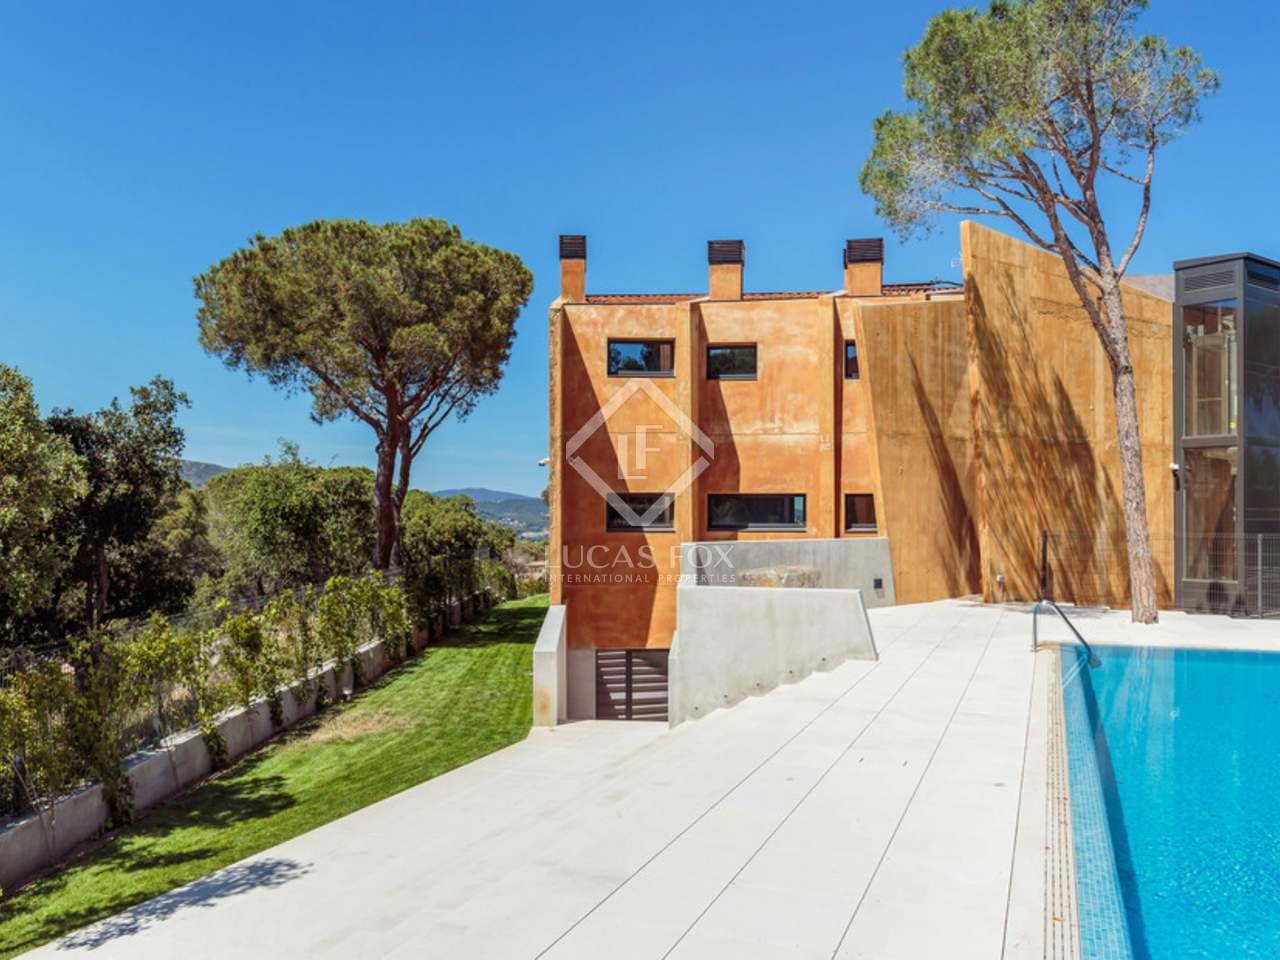 Luxury Property for sale in Sant Feliu de Guíxols on the ...